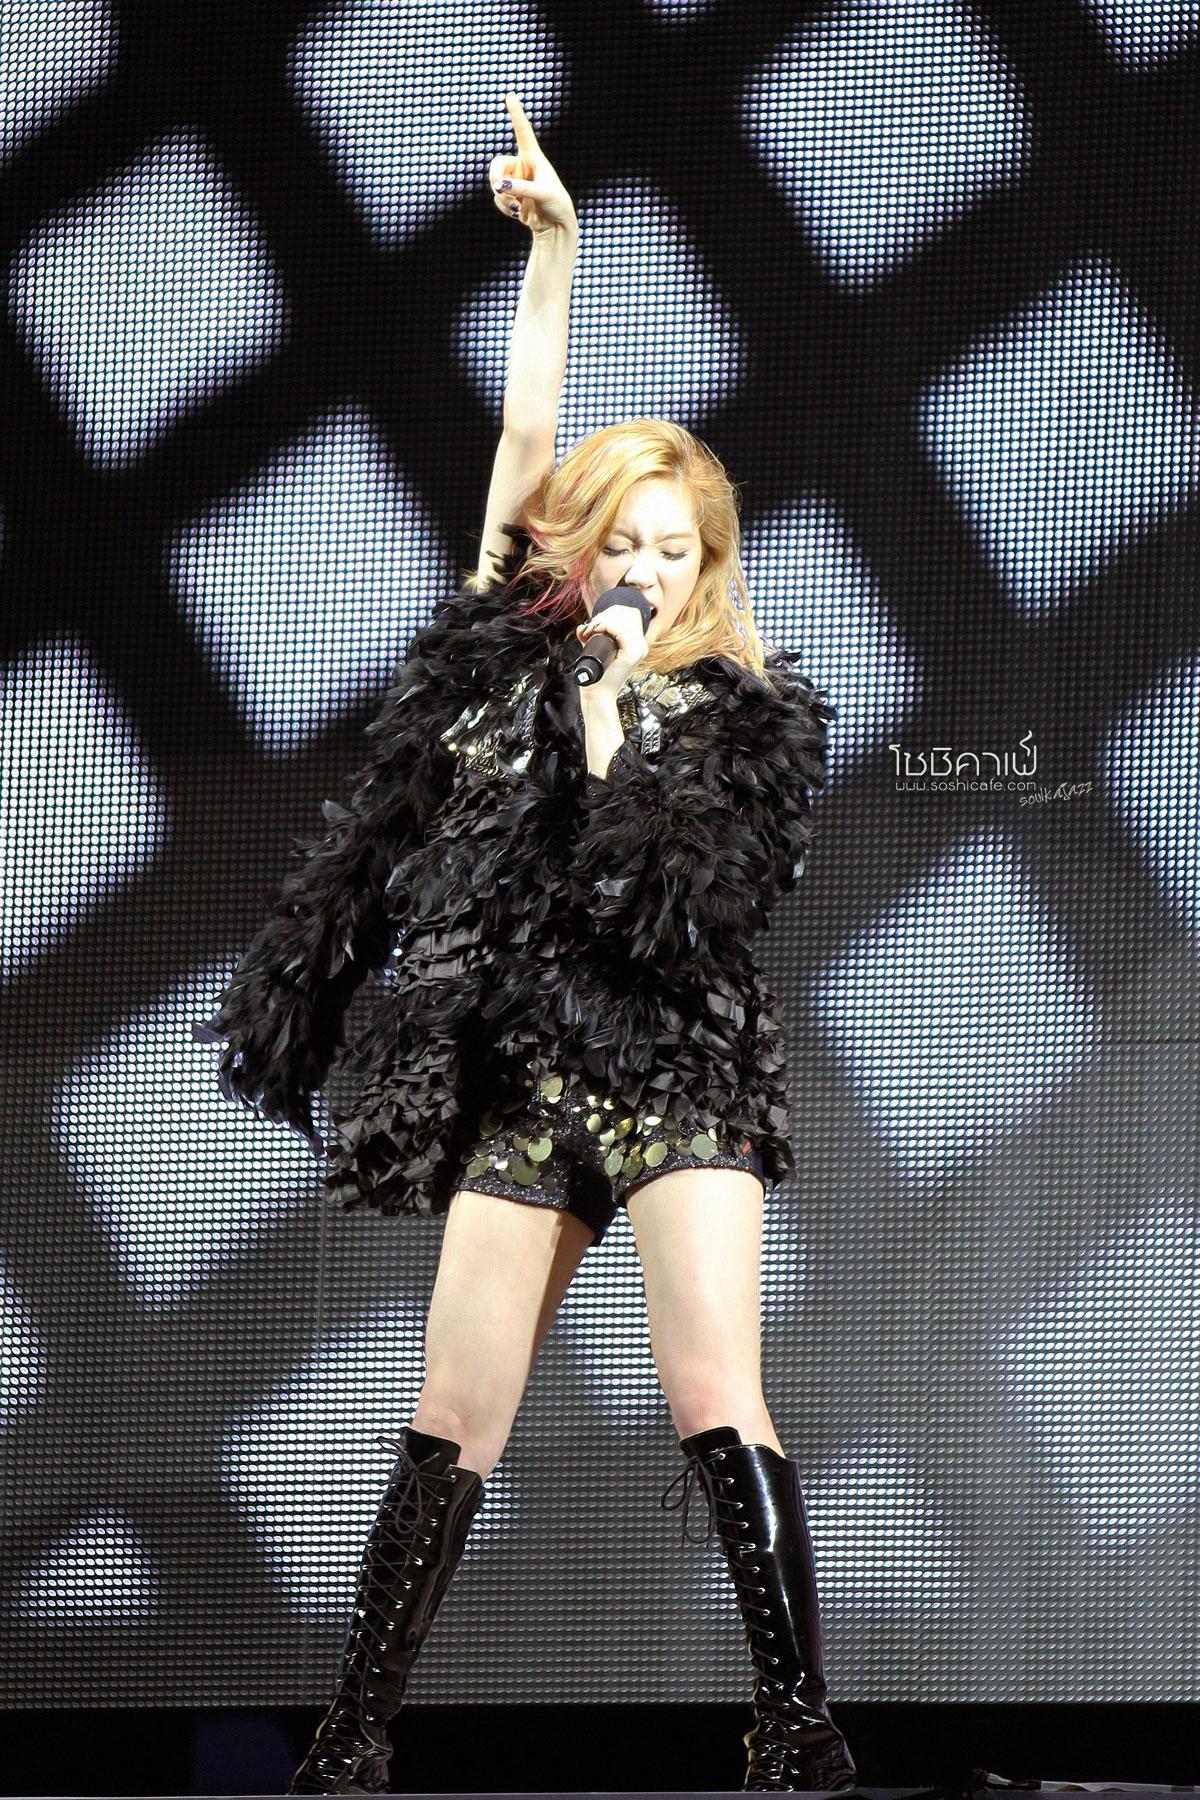 SNSD Taeyeon SMTown Taiwan Tour 2012